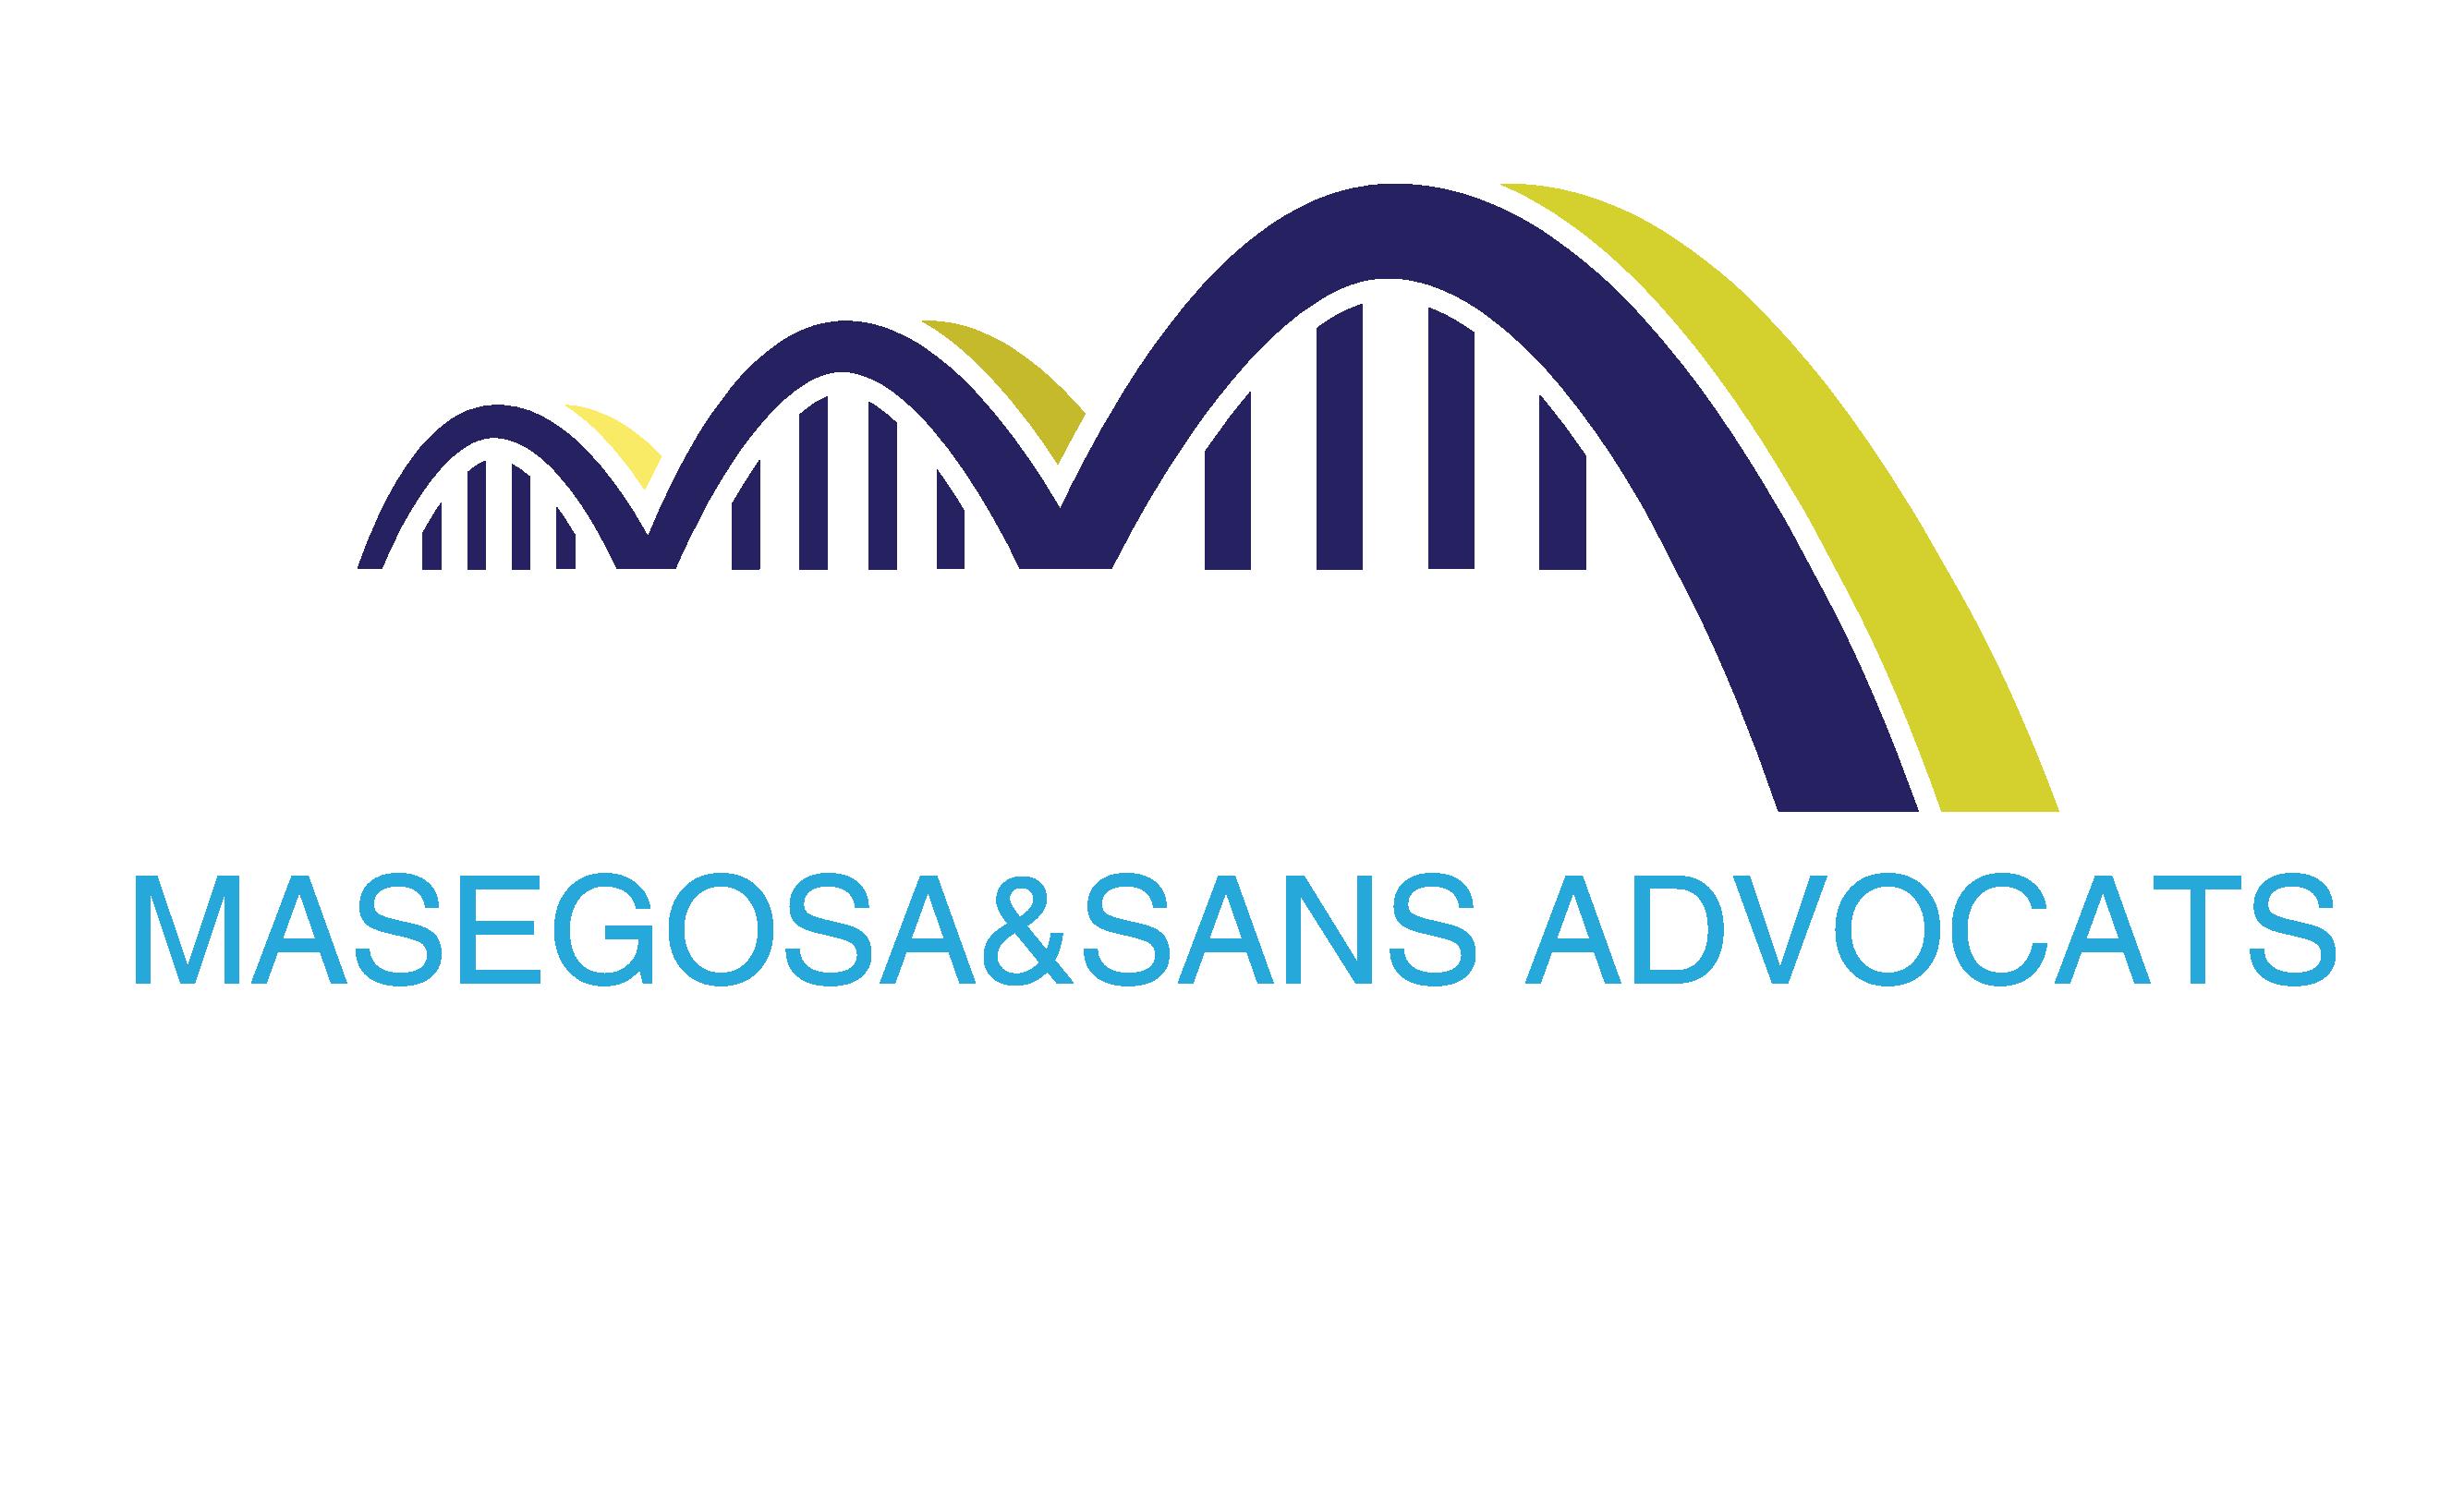 MASEGOSA&SANS ADVOCATS